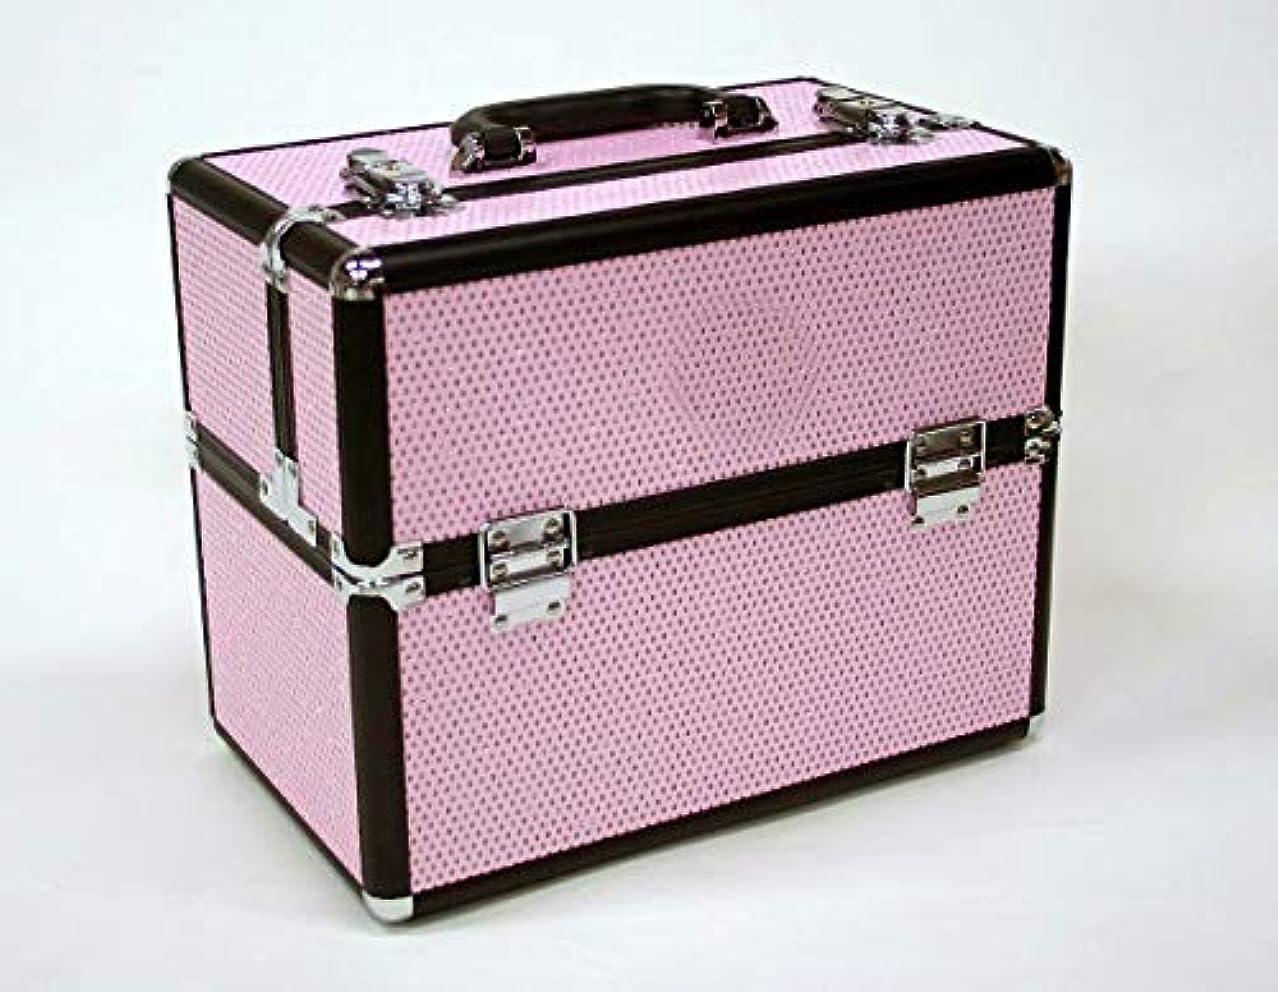 タンザニア分析的なラウズメイクボックス|D2651IK-6|軽量タイプ|コスメボックス 化粧箱 メイクアップボックス|Make box MAKE UP BOX